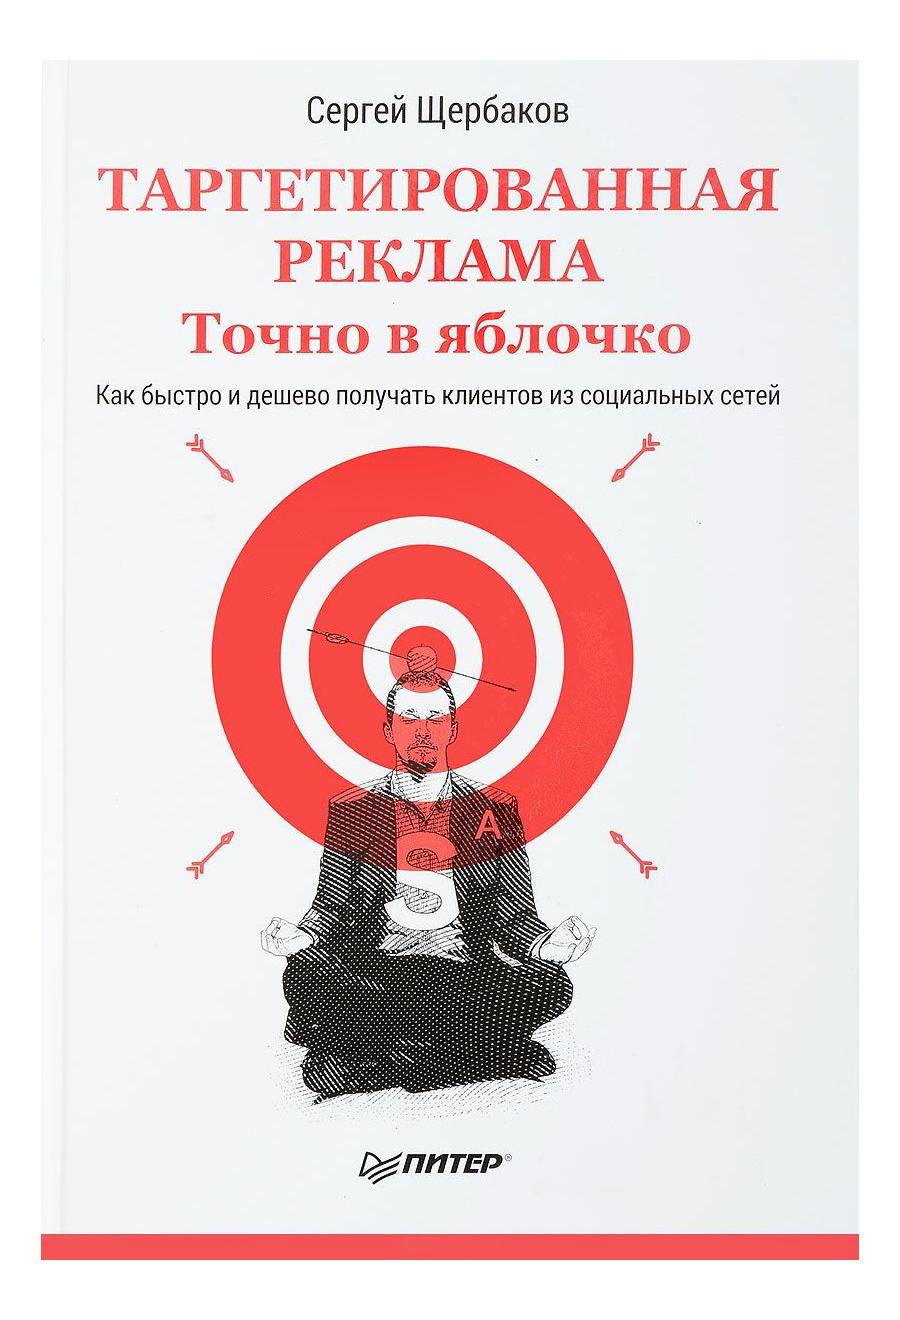 Таргетированная Реклама, точно В Яблочко фото